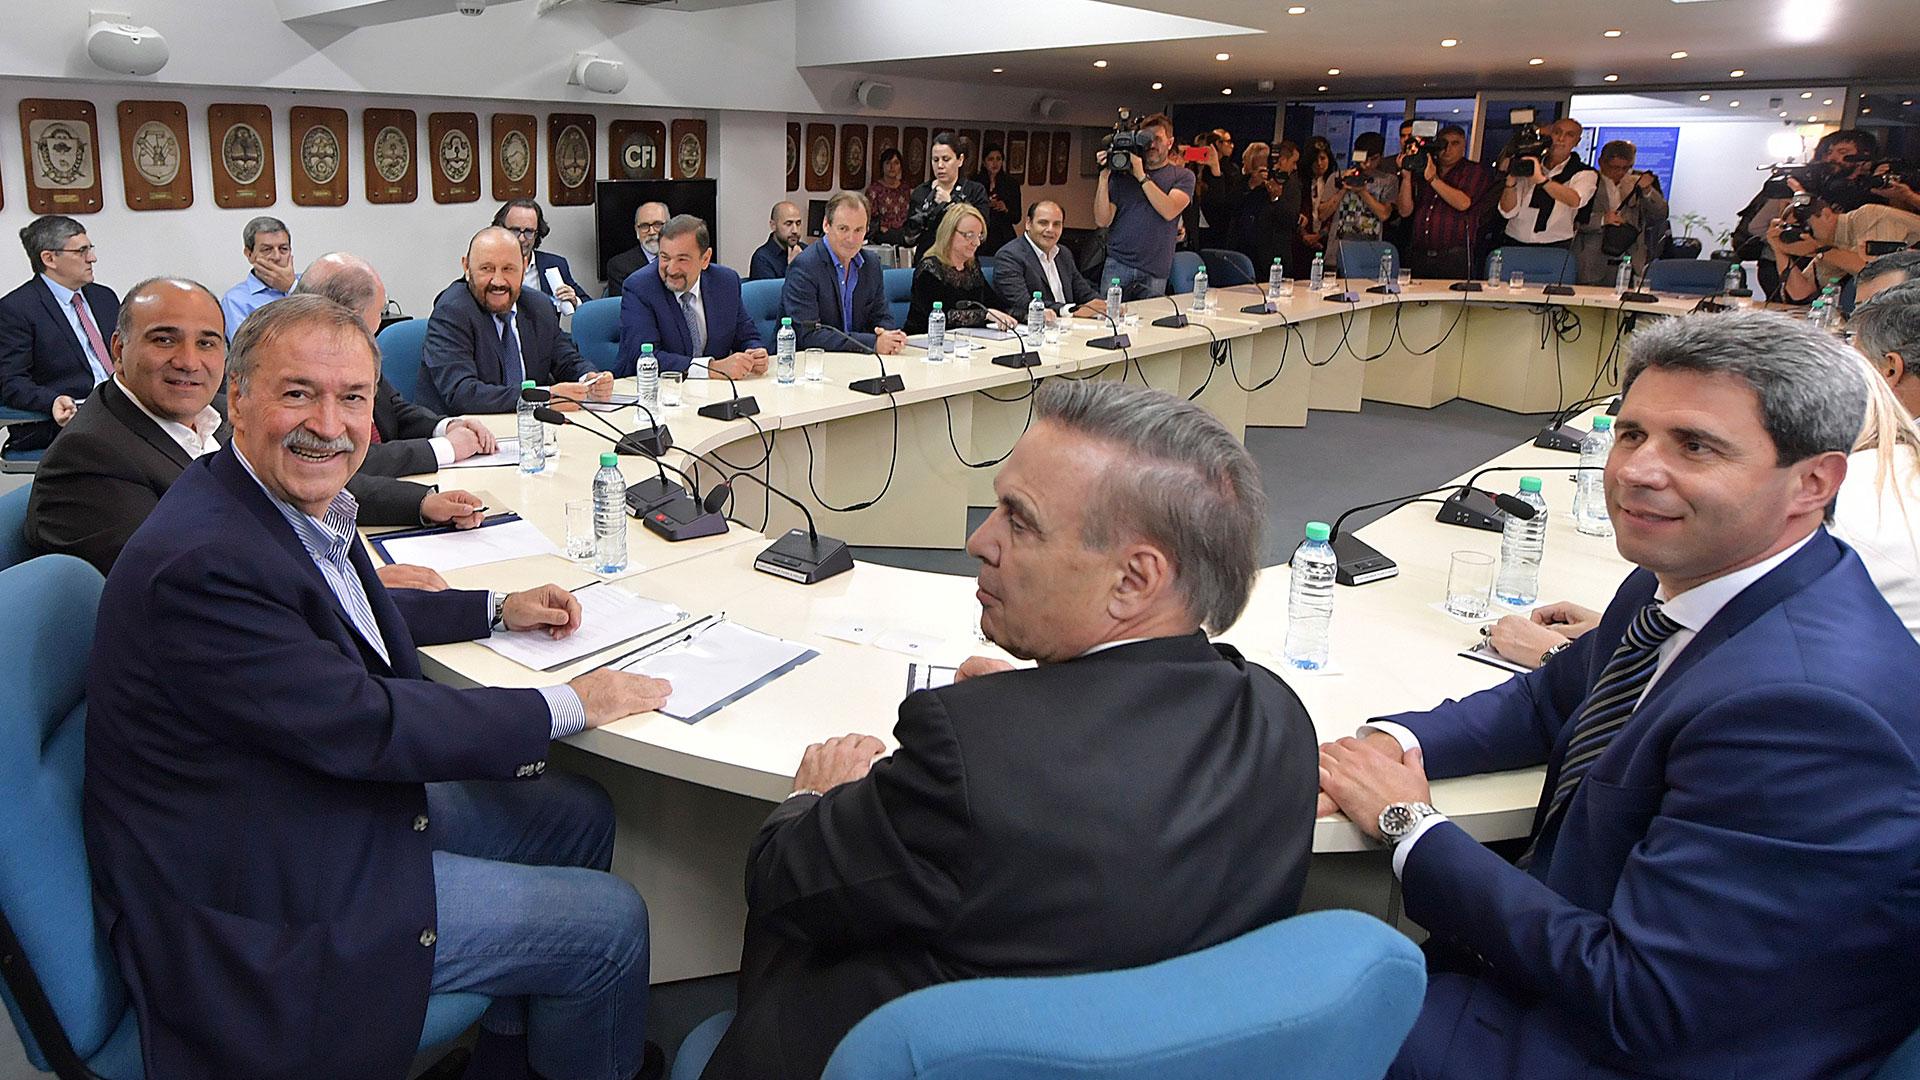 Gobernadores peronistas reunidos en el Consejo Federal de Inversiones.